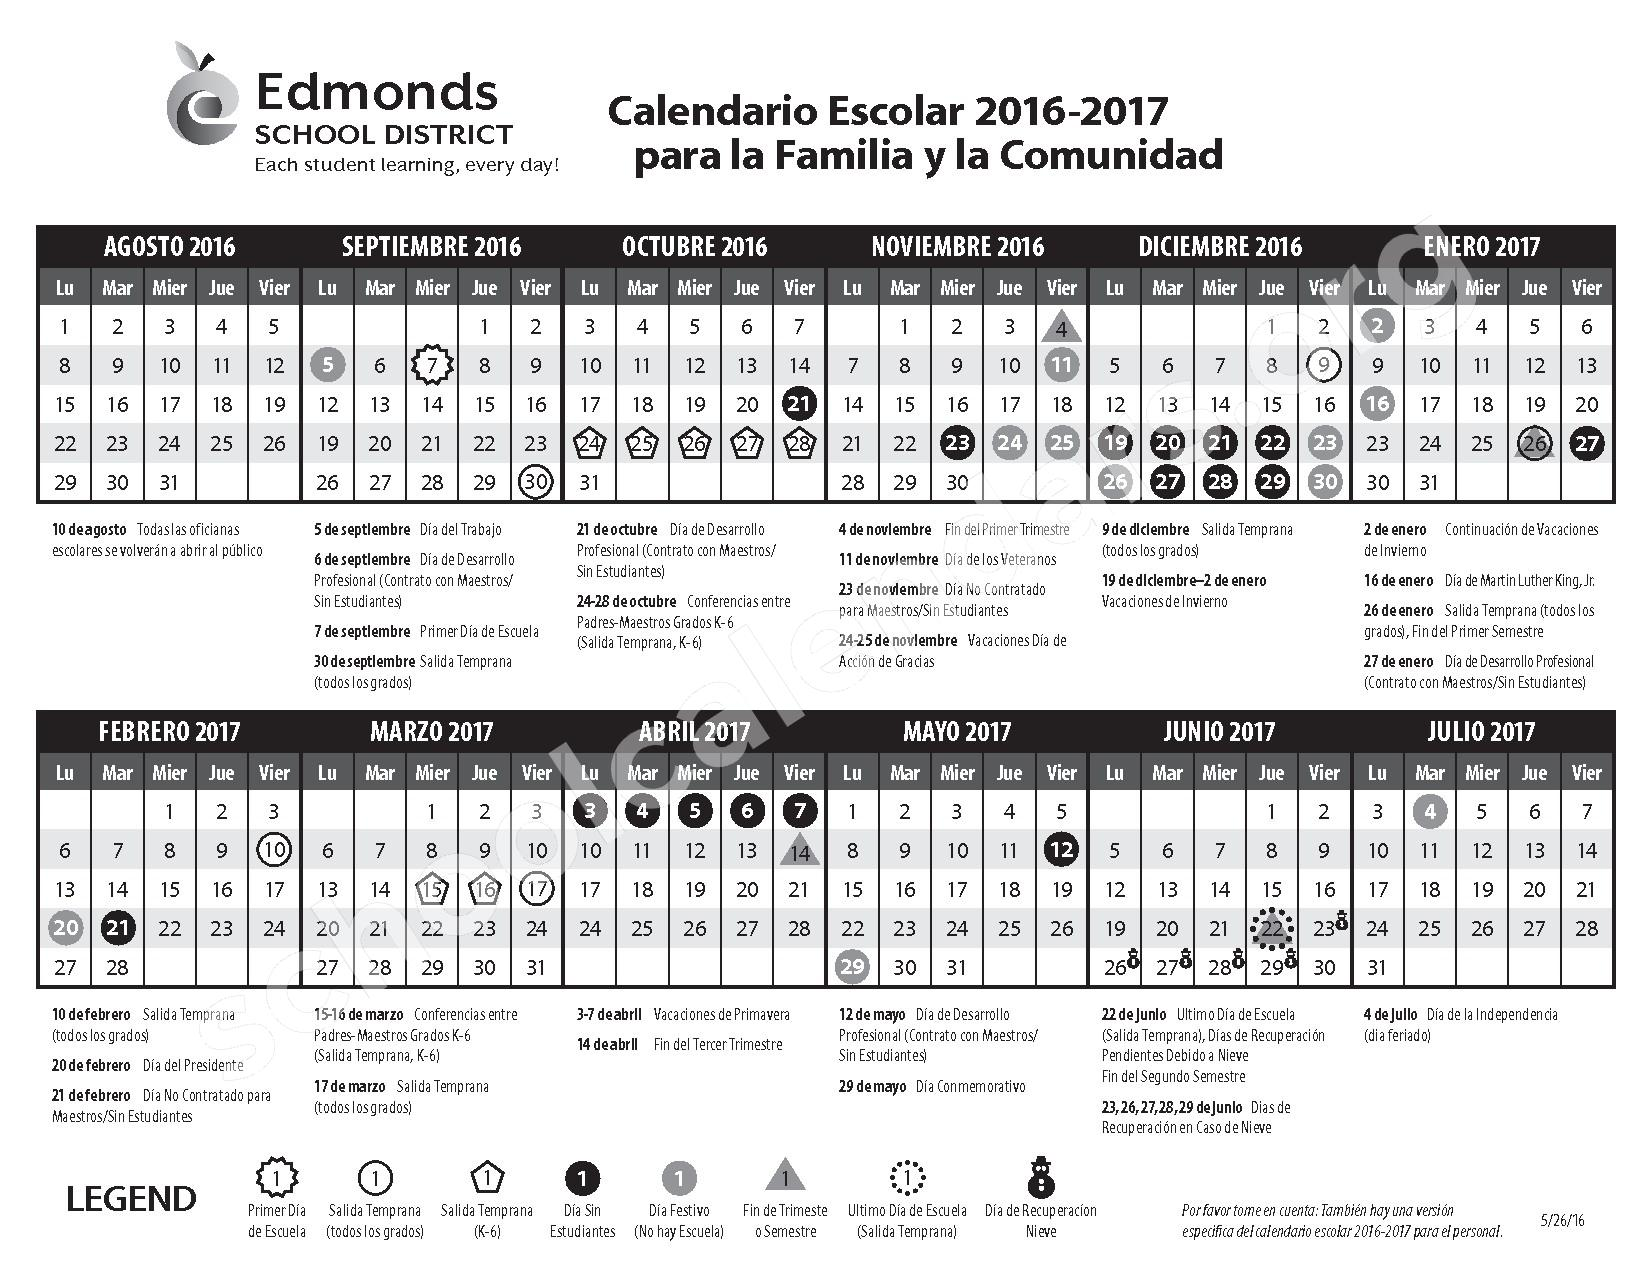 2016 - 2017 Calendario Escolar para la Familia y la Comunidad – Mountlake Terrace High School – page 1